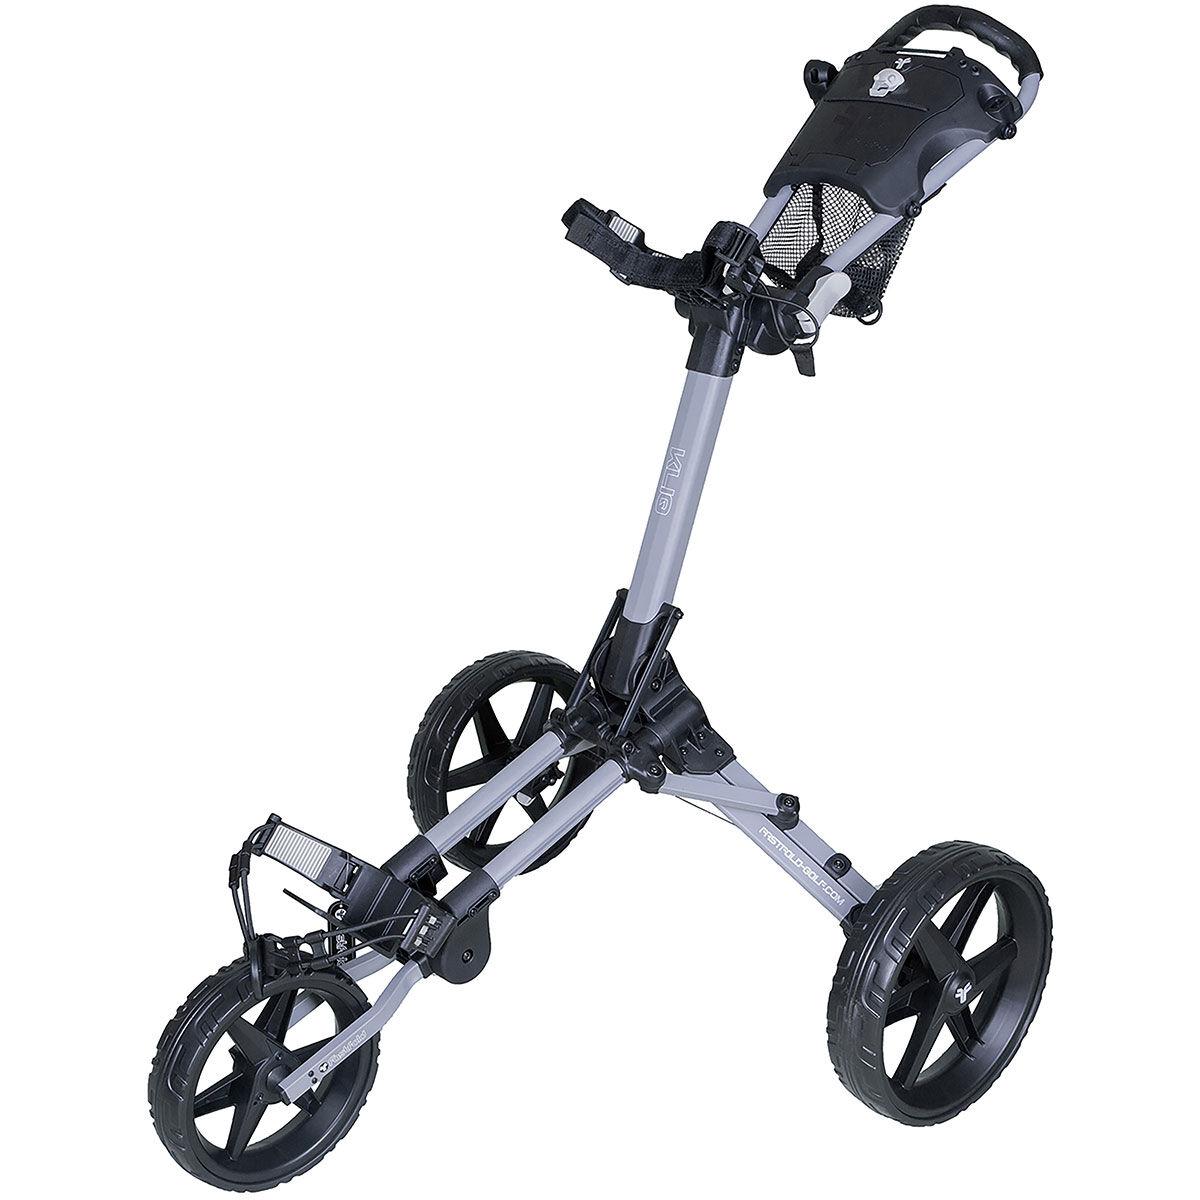 Fast Fold Kliq 3 Wheel Push Golf Trolley, Matte grey black, One Size | American Golf